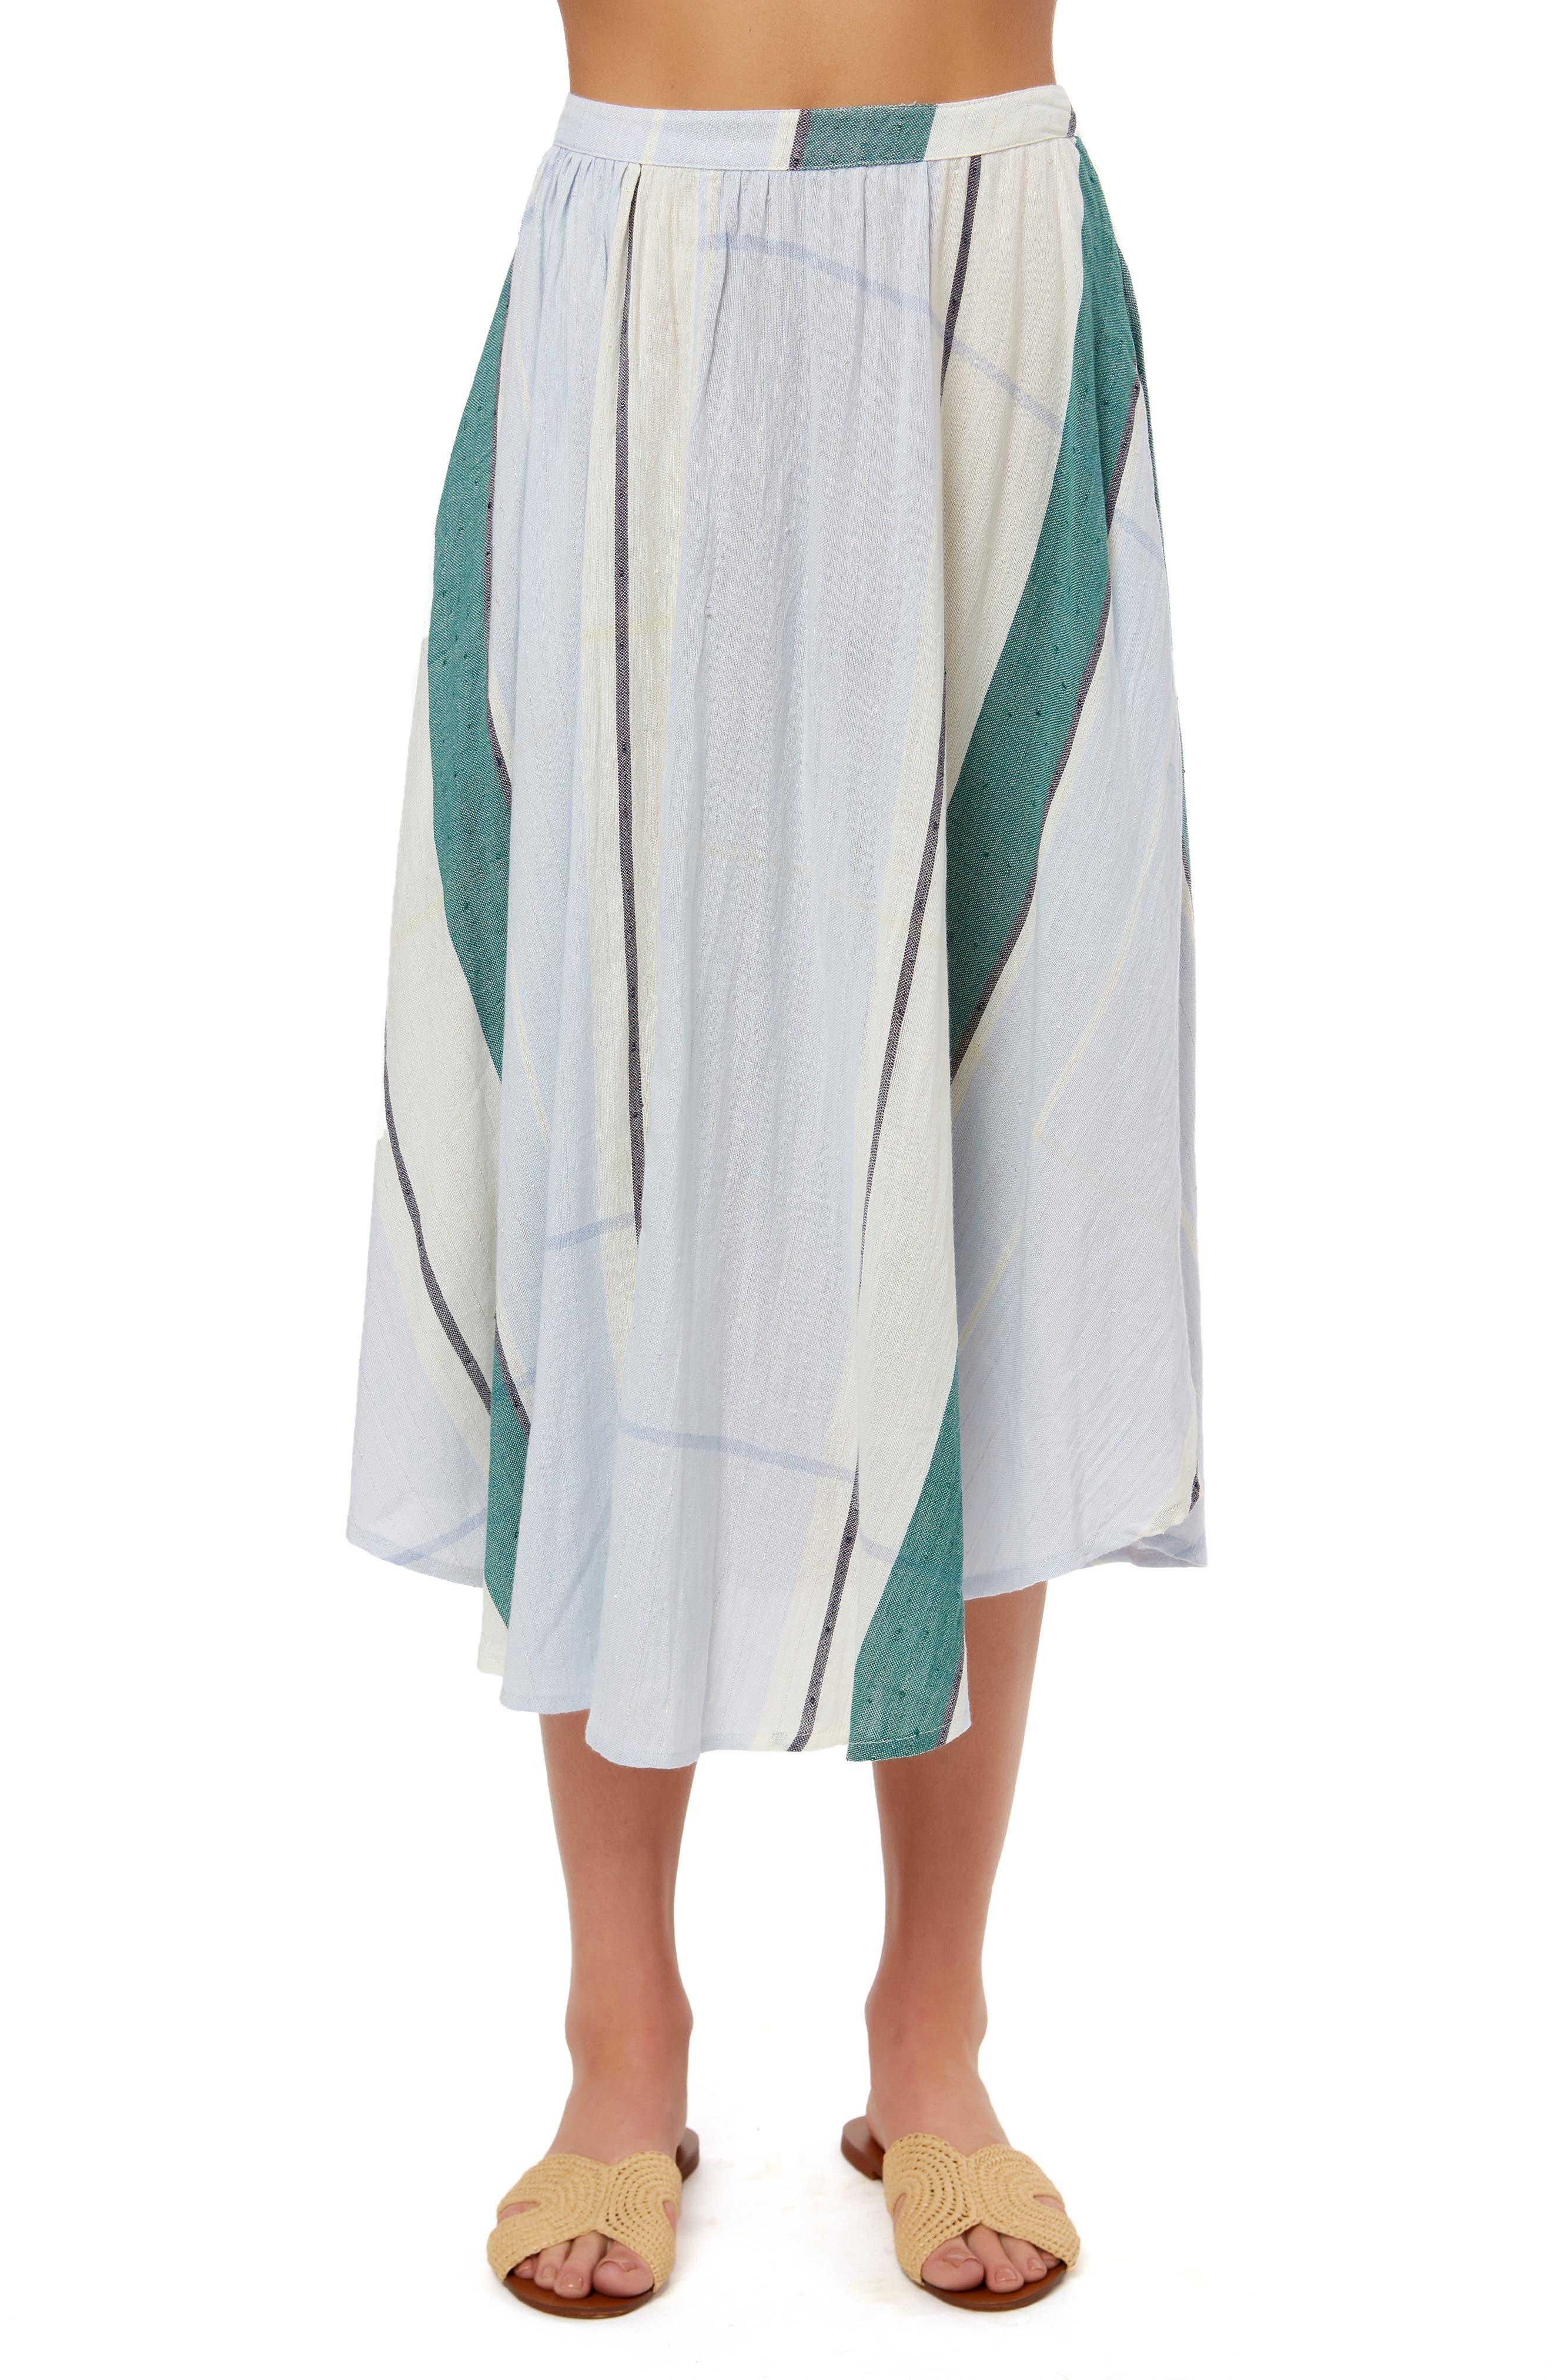 Stella Mixed Stripe Midi Skirt by O'neill